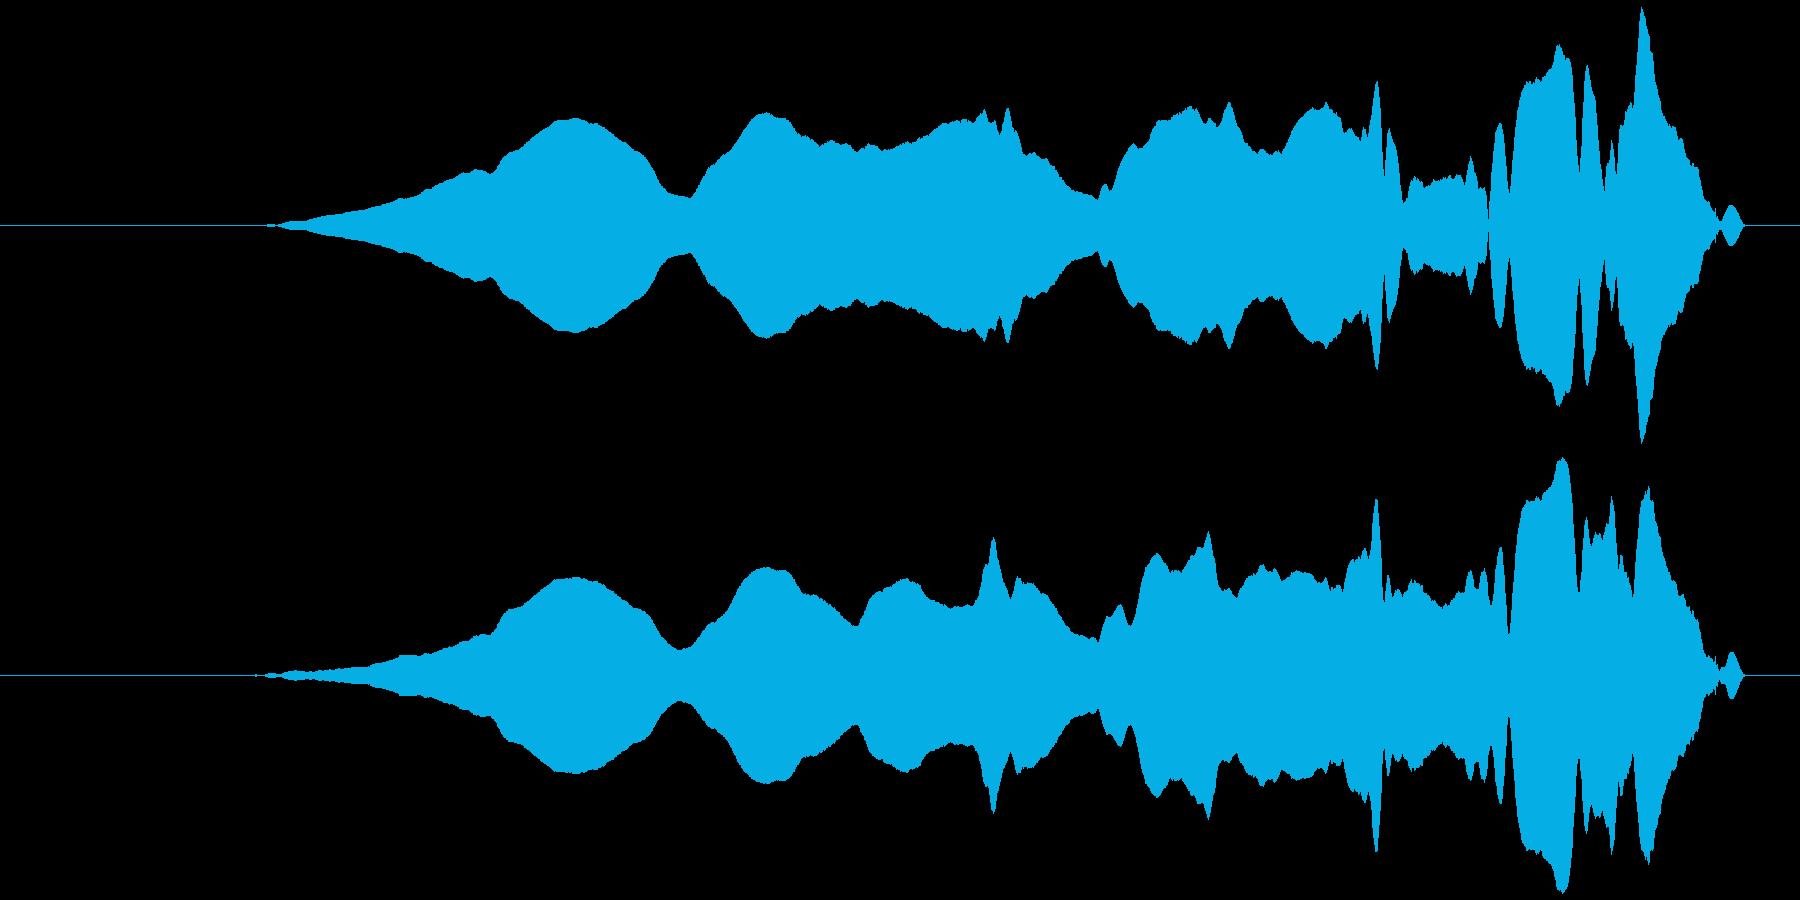 うねる風 オノマトペ(上昇)ヒヨヒヨ…の再生済みの波形